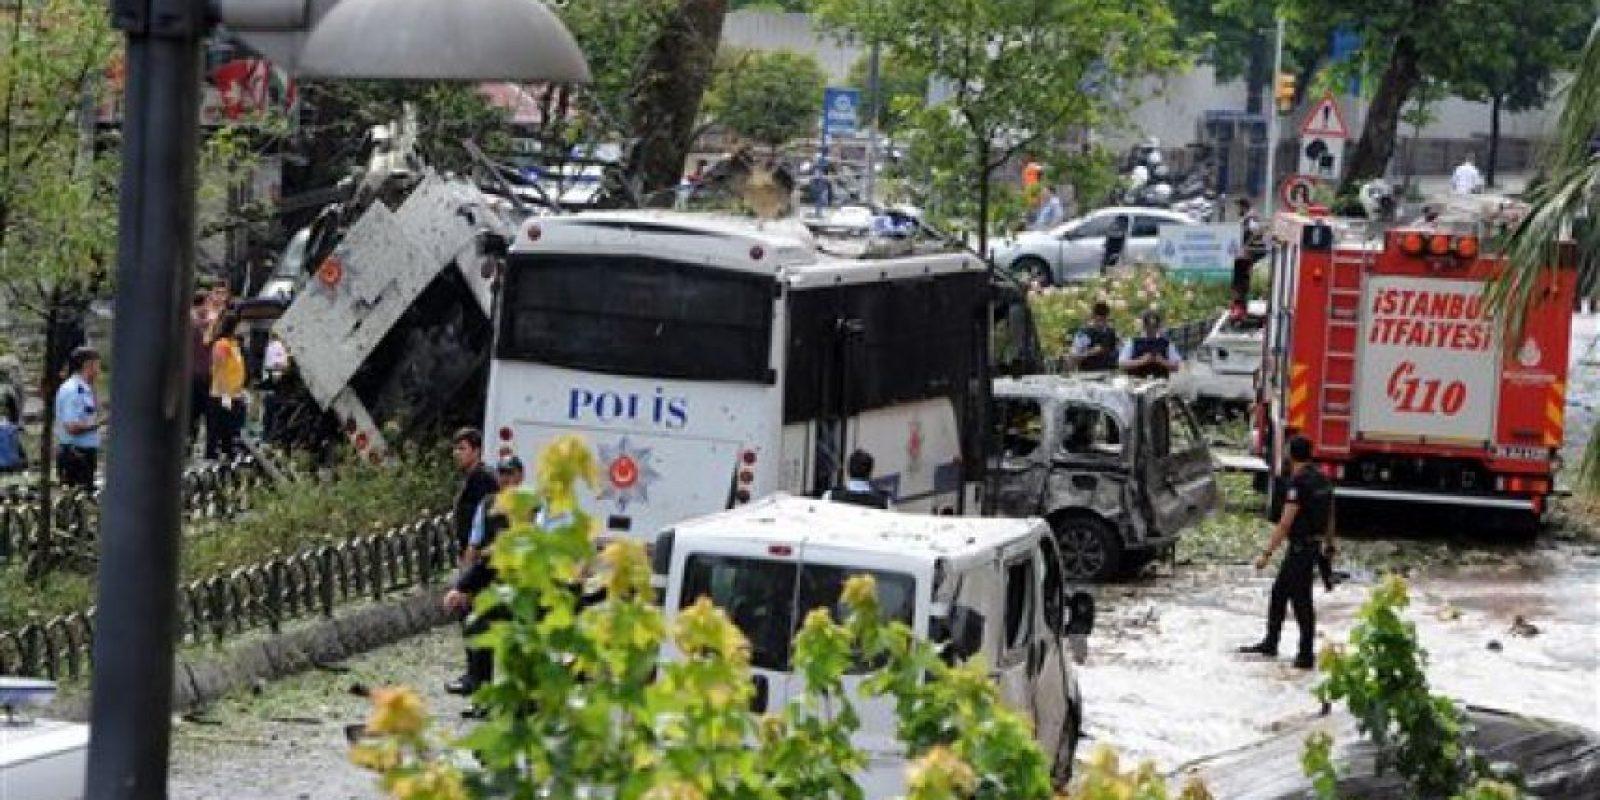 La deflagración fue causada por una bomba colocada en el interior de un auto que se activó al paso del vehículo policial, explicó Sahin, gobernador de Estambul. Foto:AP/ Archivo